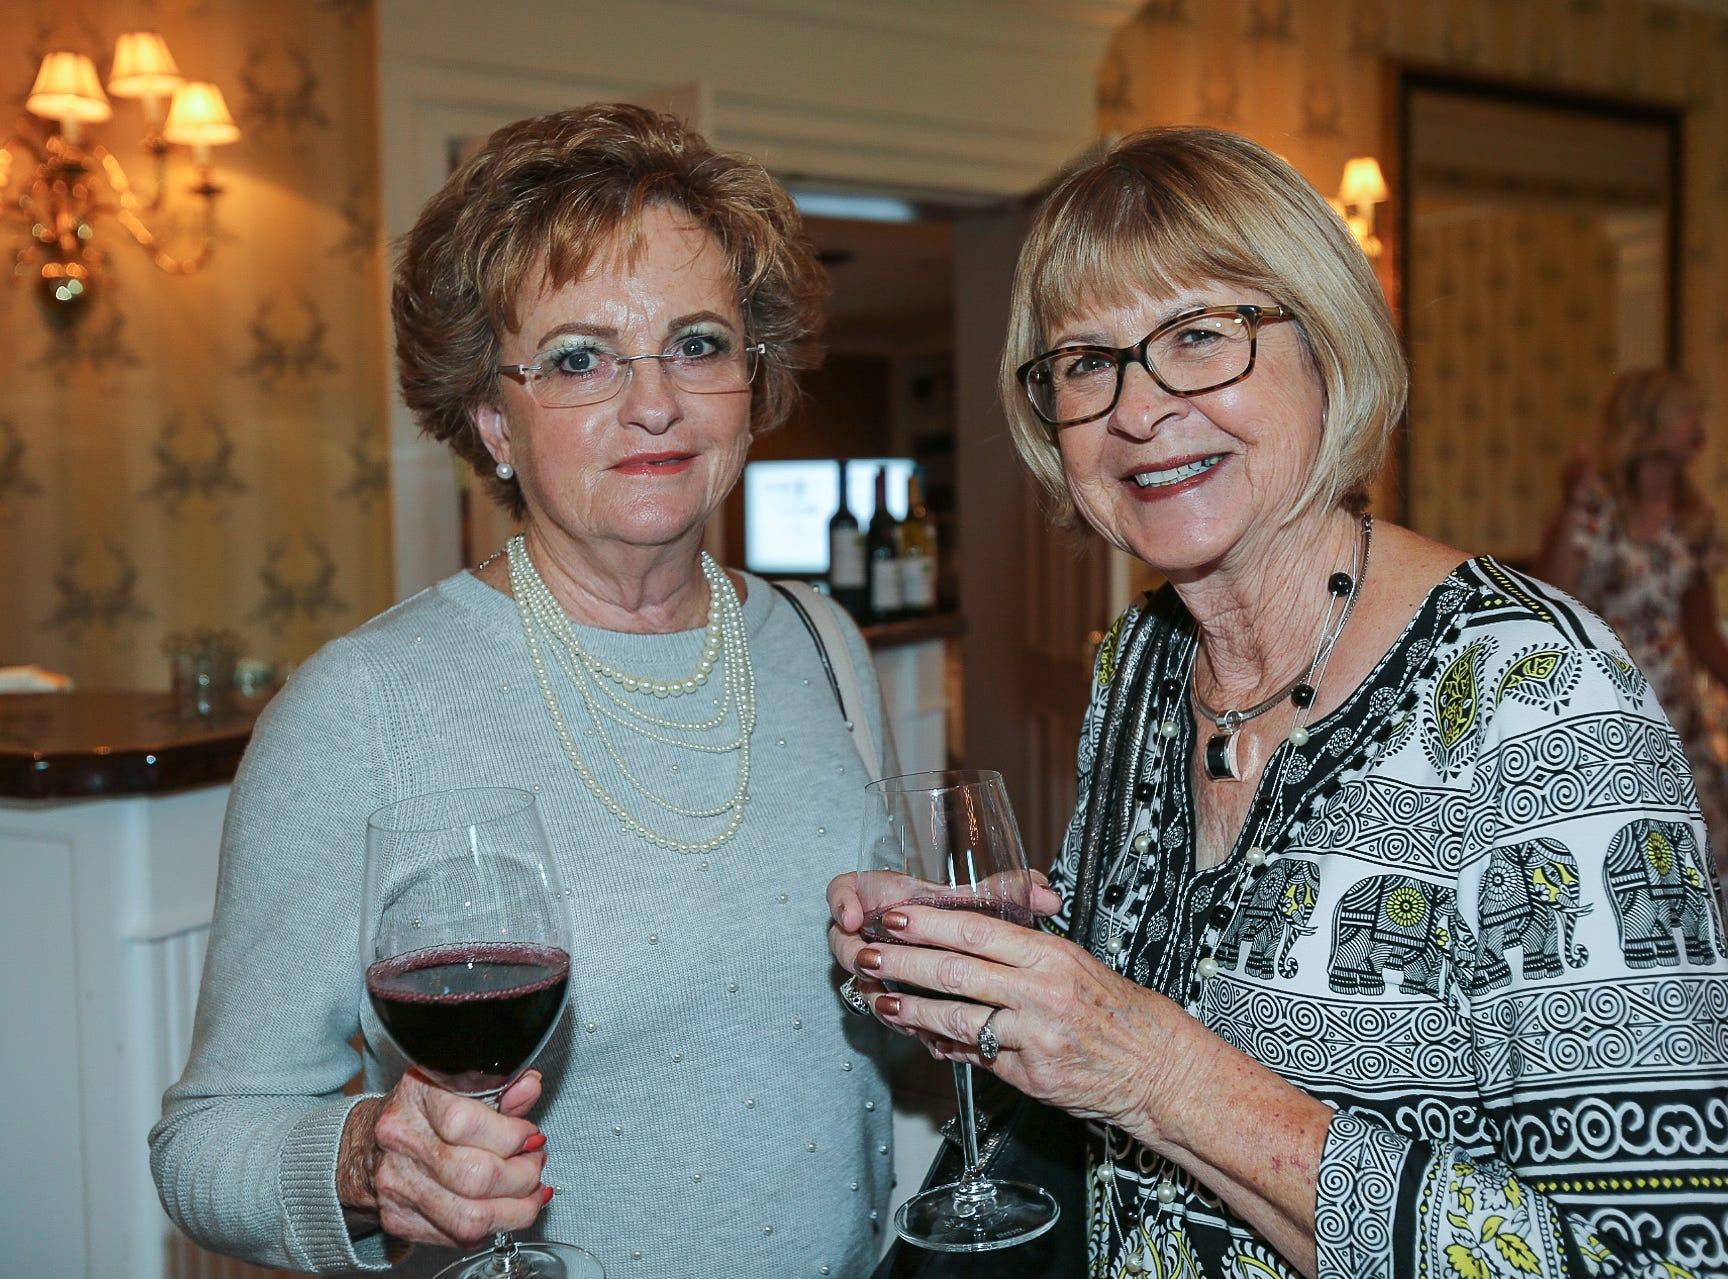 Mertie Jones and Sharon Cotton